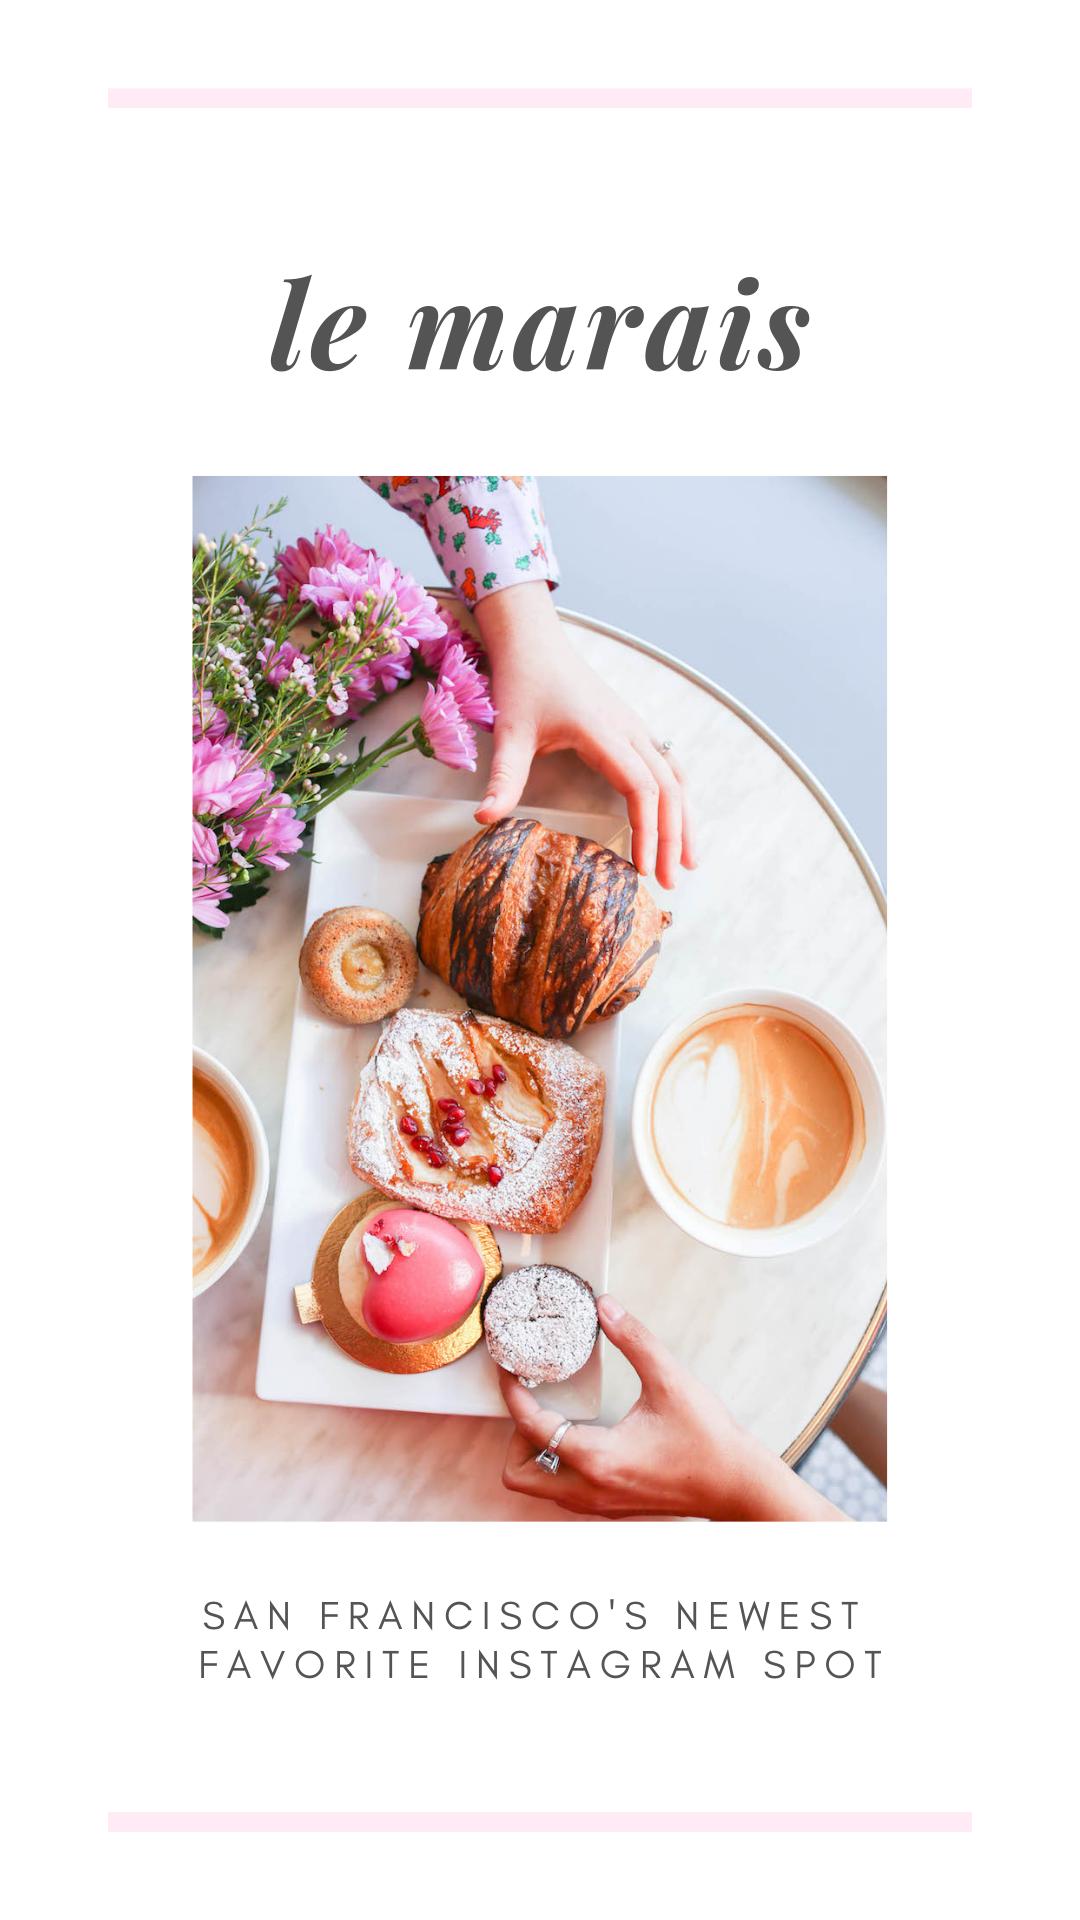 San Francisco's Newest Favorite Instagram Cafe